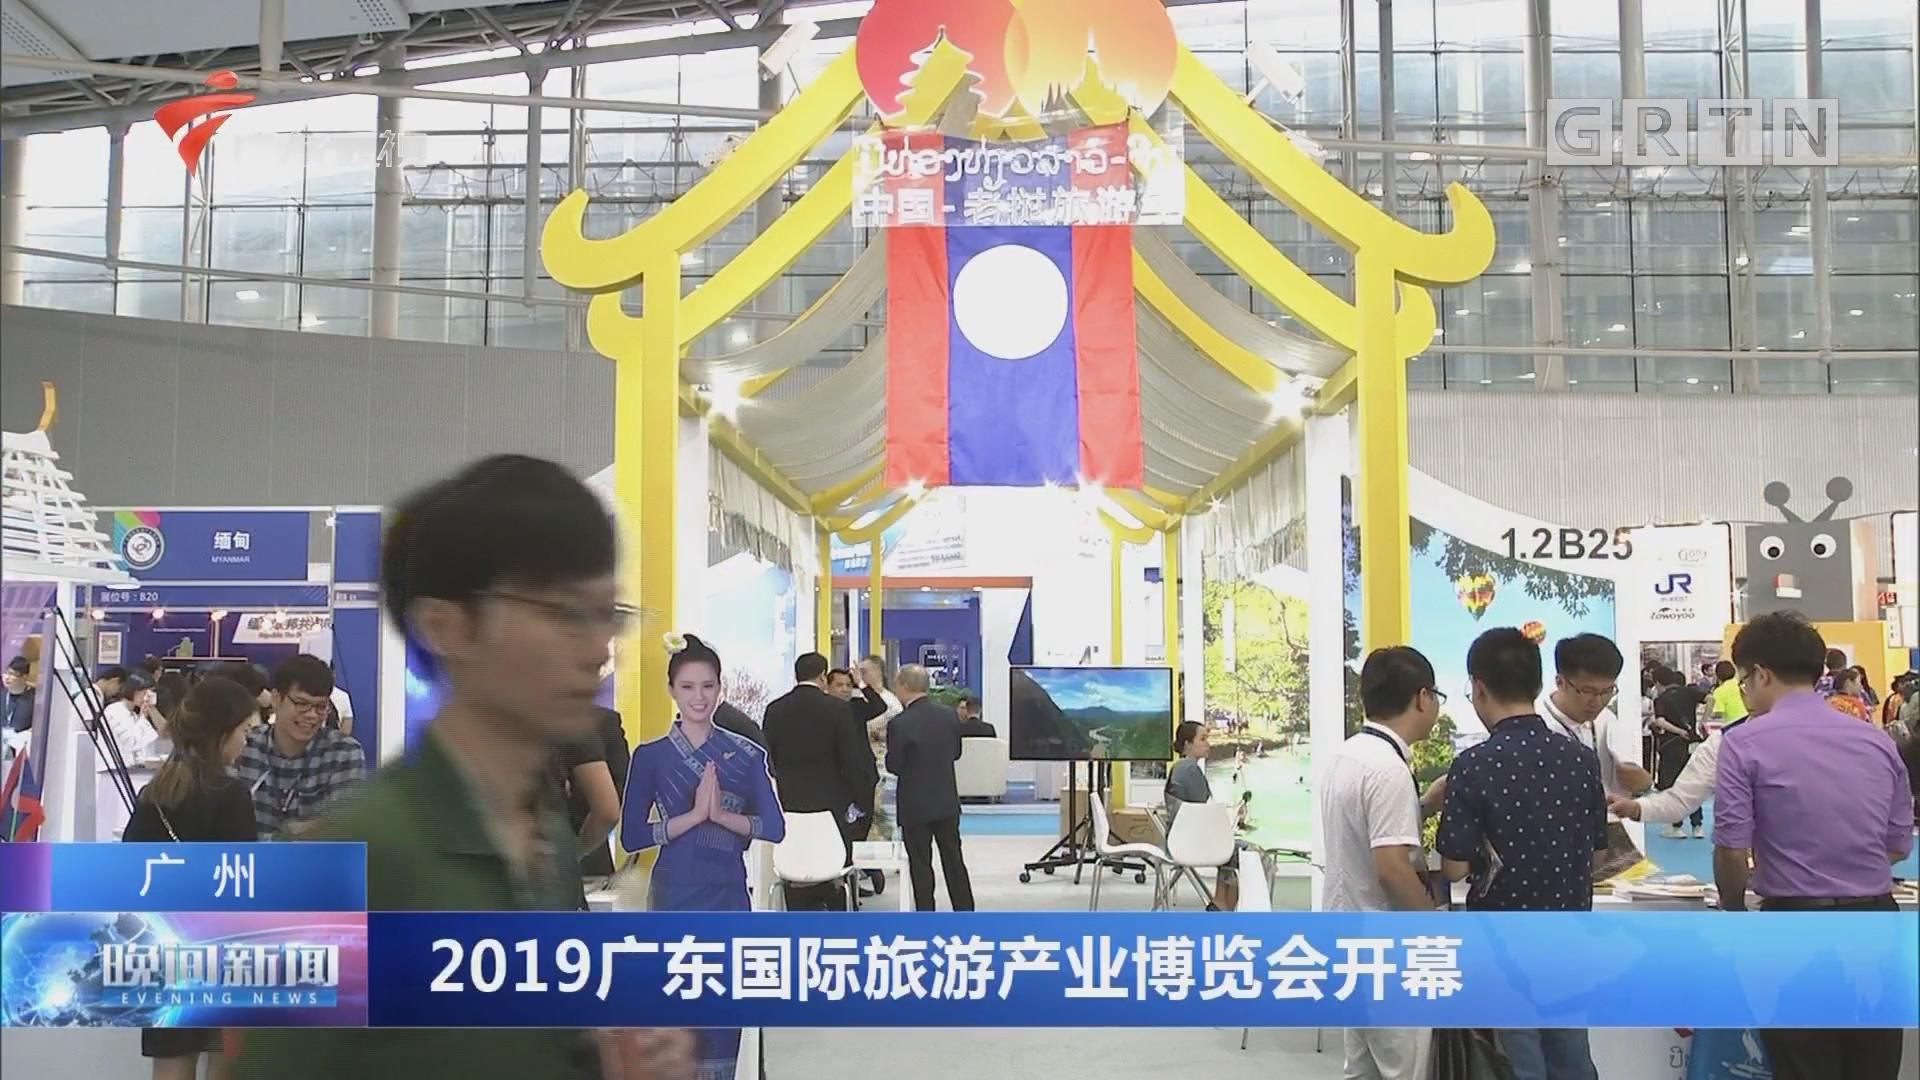 2019广东国际旅游产业博览会开幕